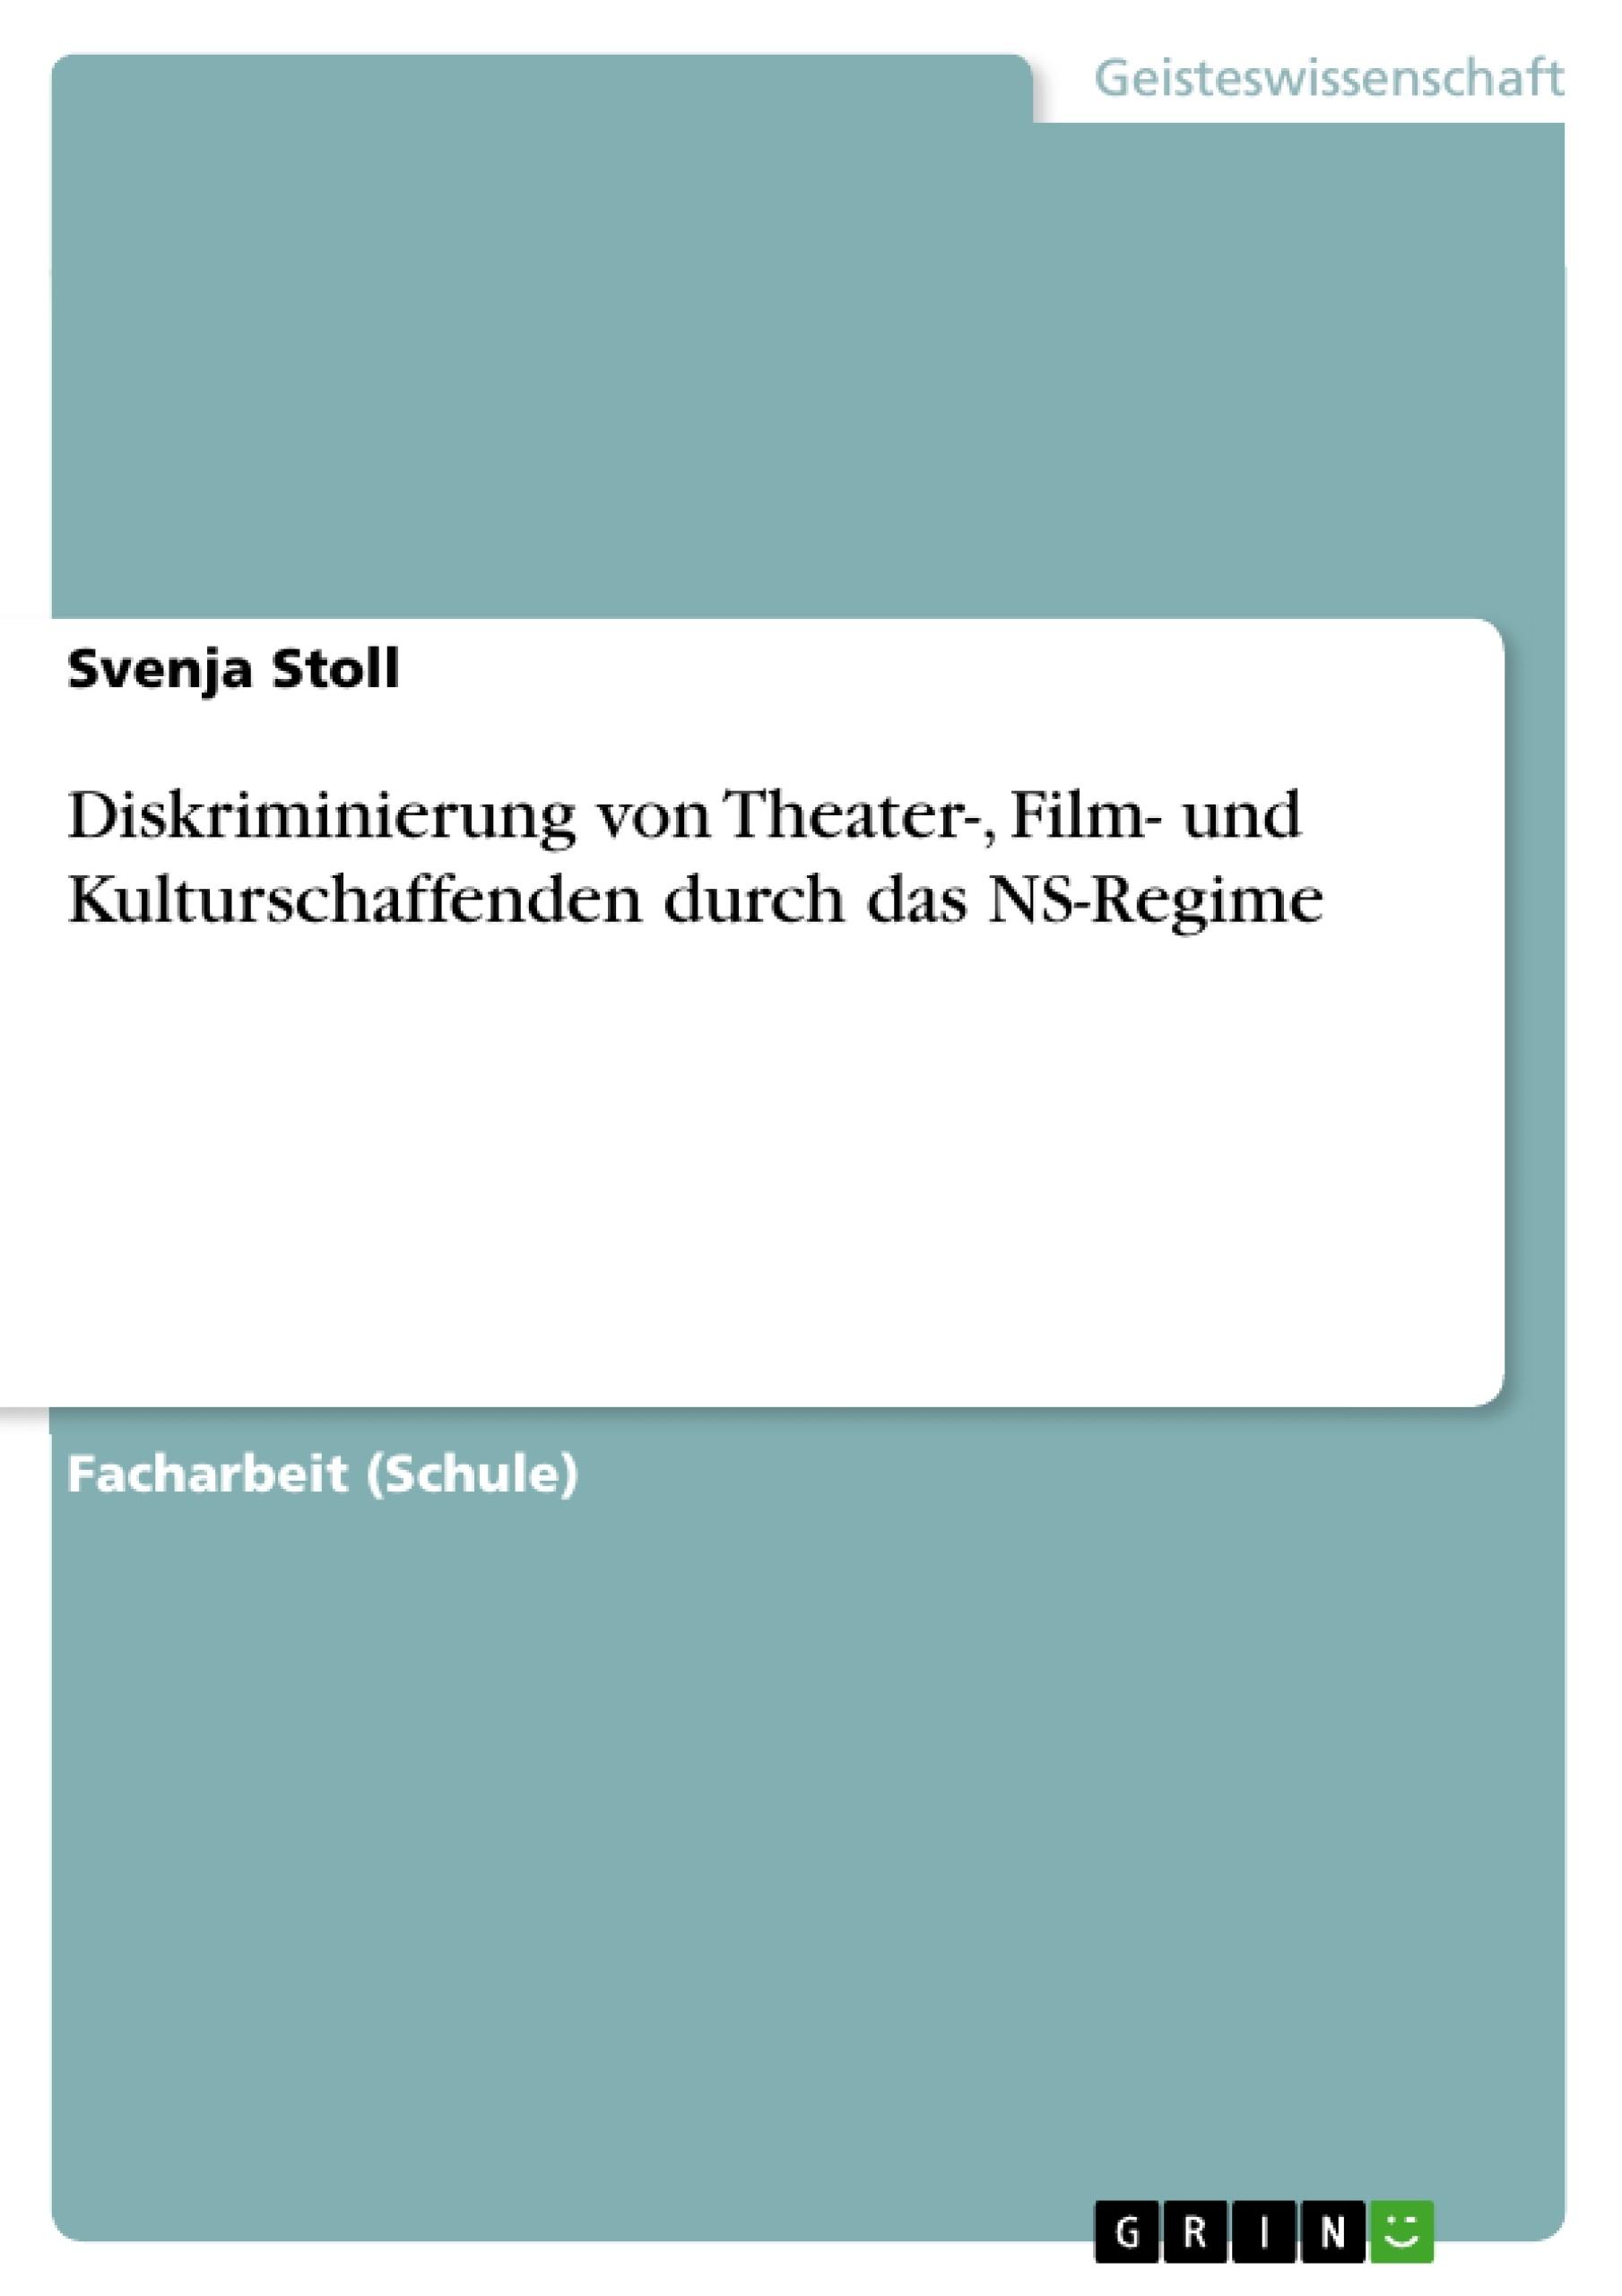 Titel: Diskriminierung von Theater-, Film- und Kulturschaffenden durch das NS-Regime